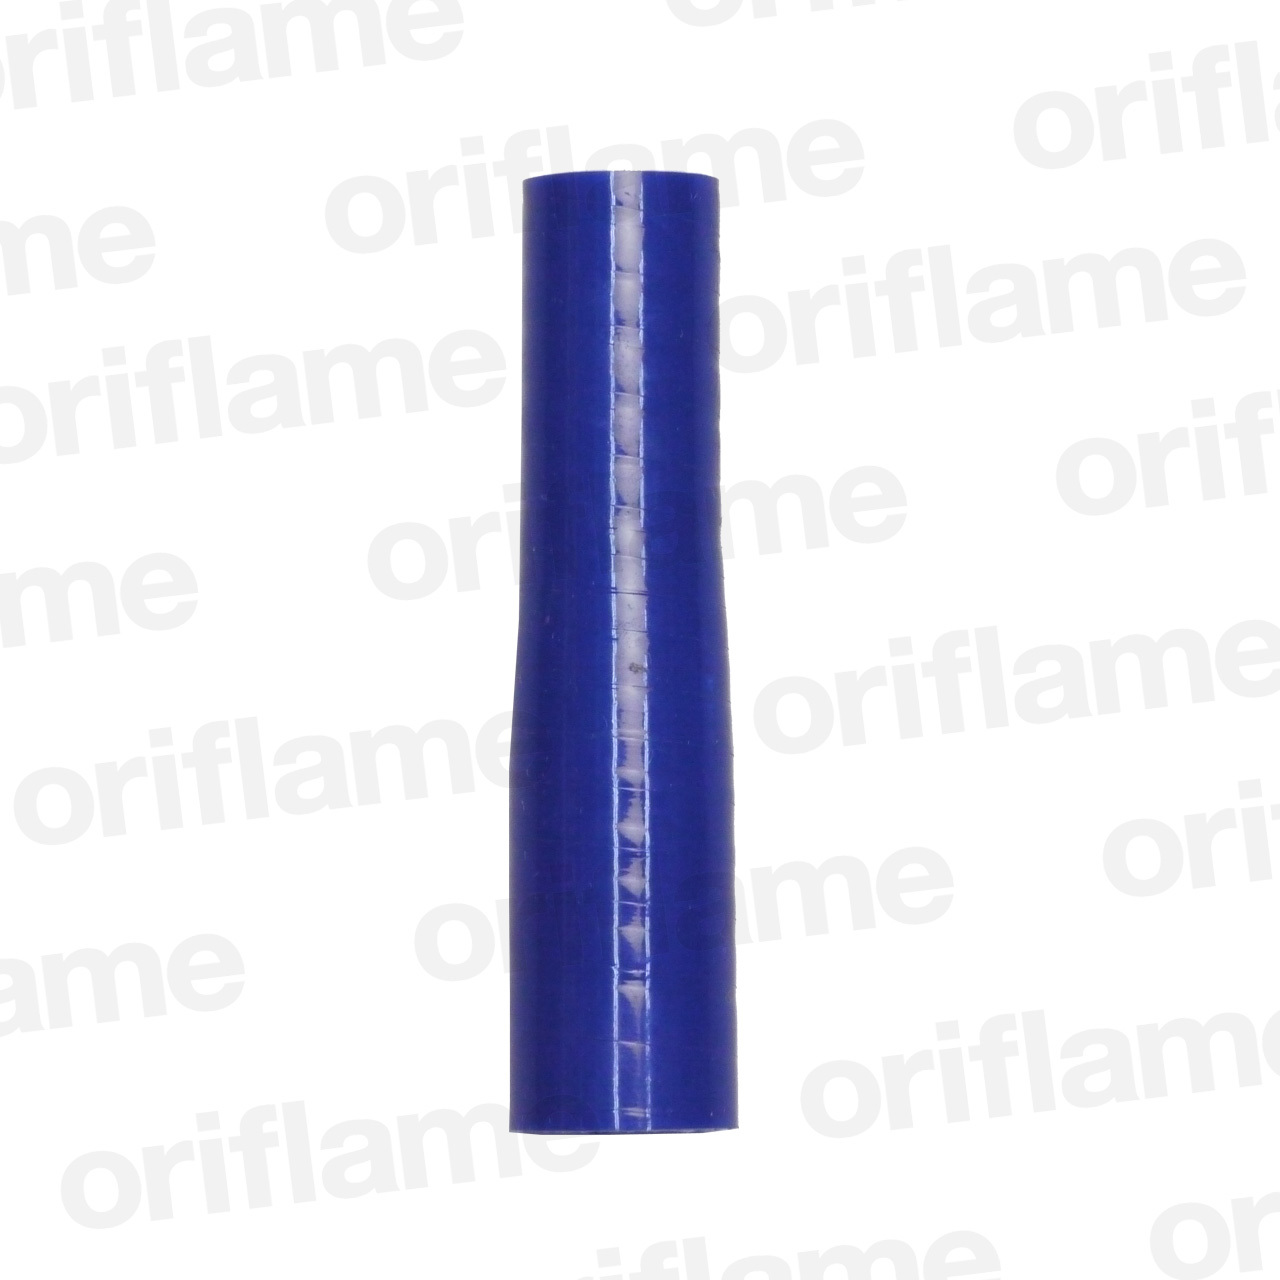 異径・ストレートホース・内径16 x 13mm・ブルー